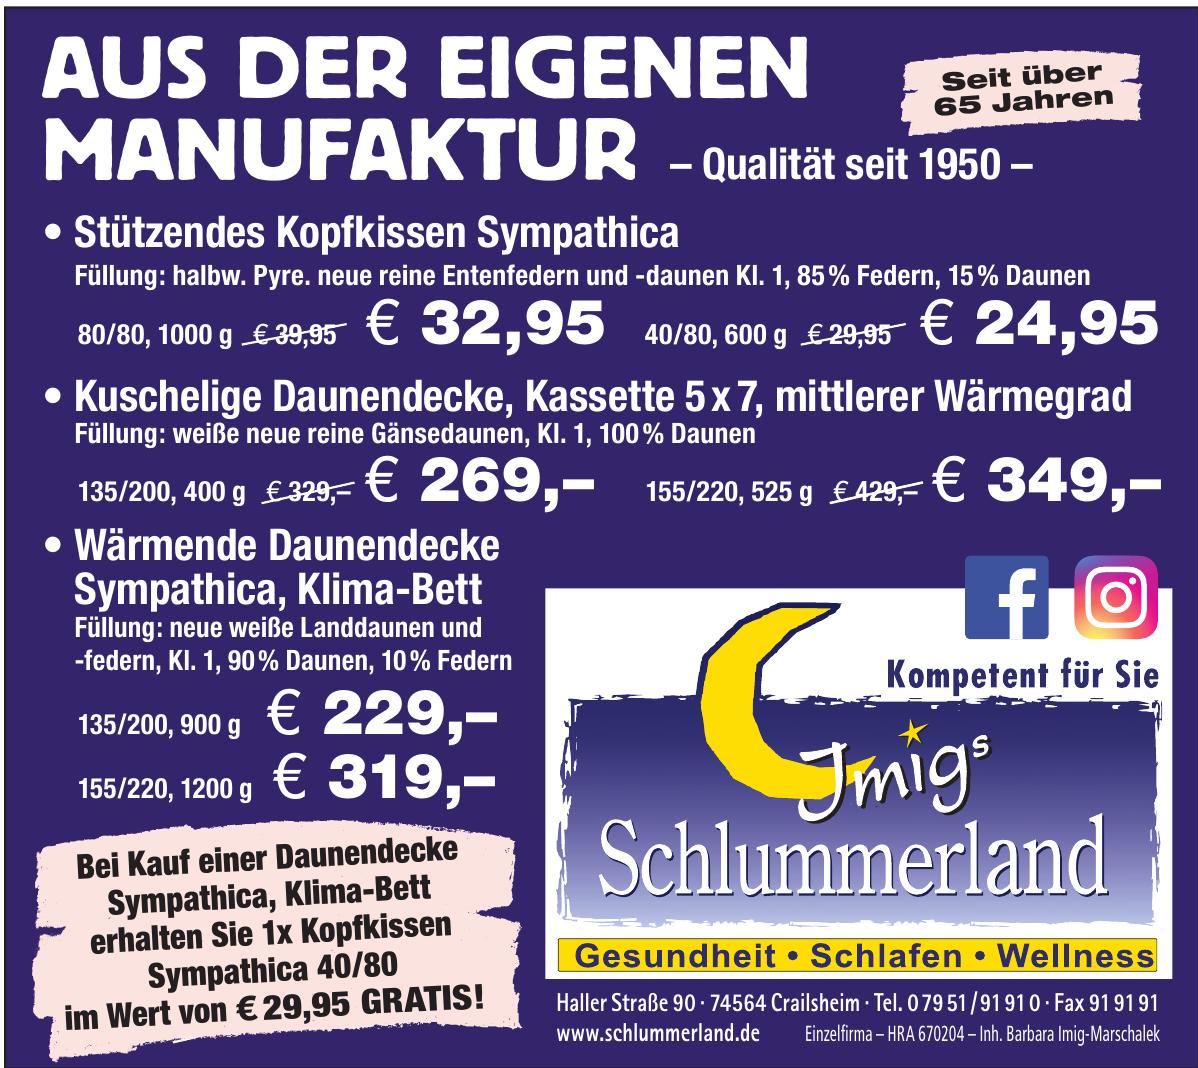 Imig´s Schlummerland